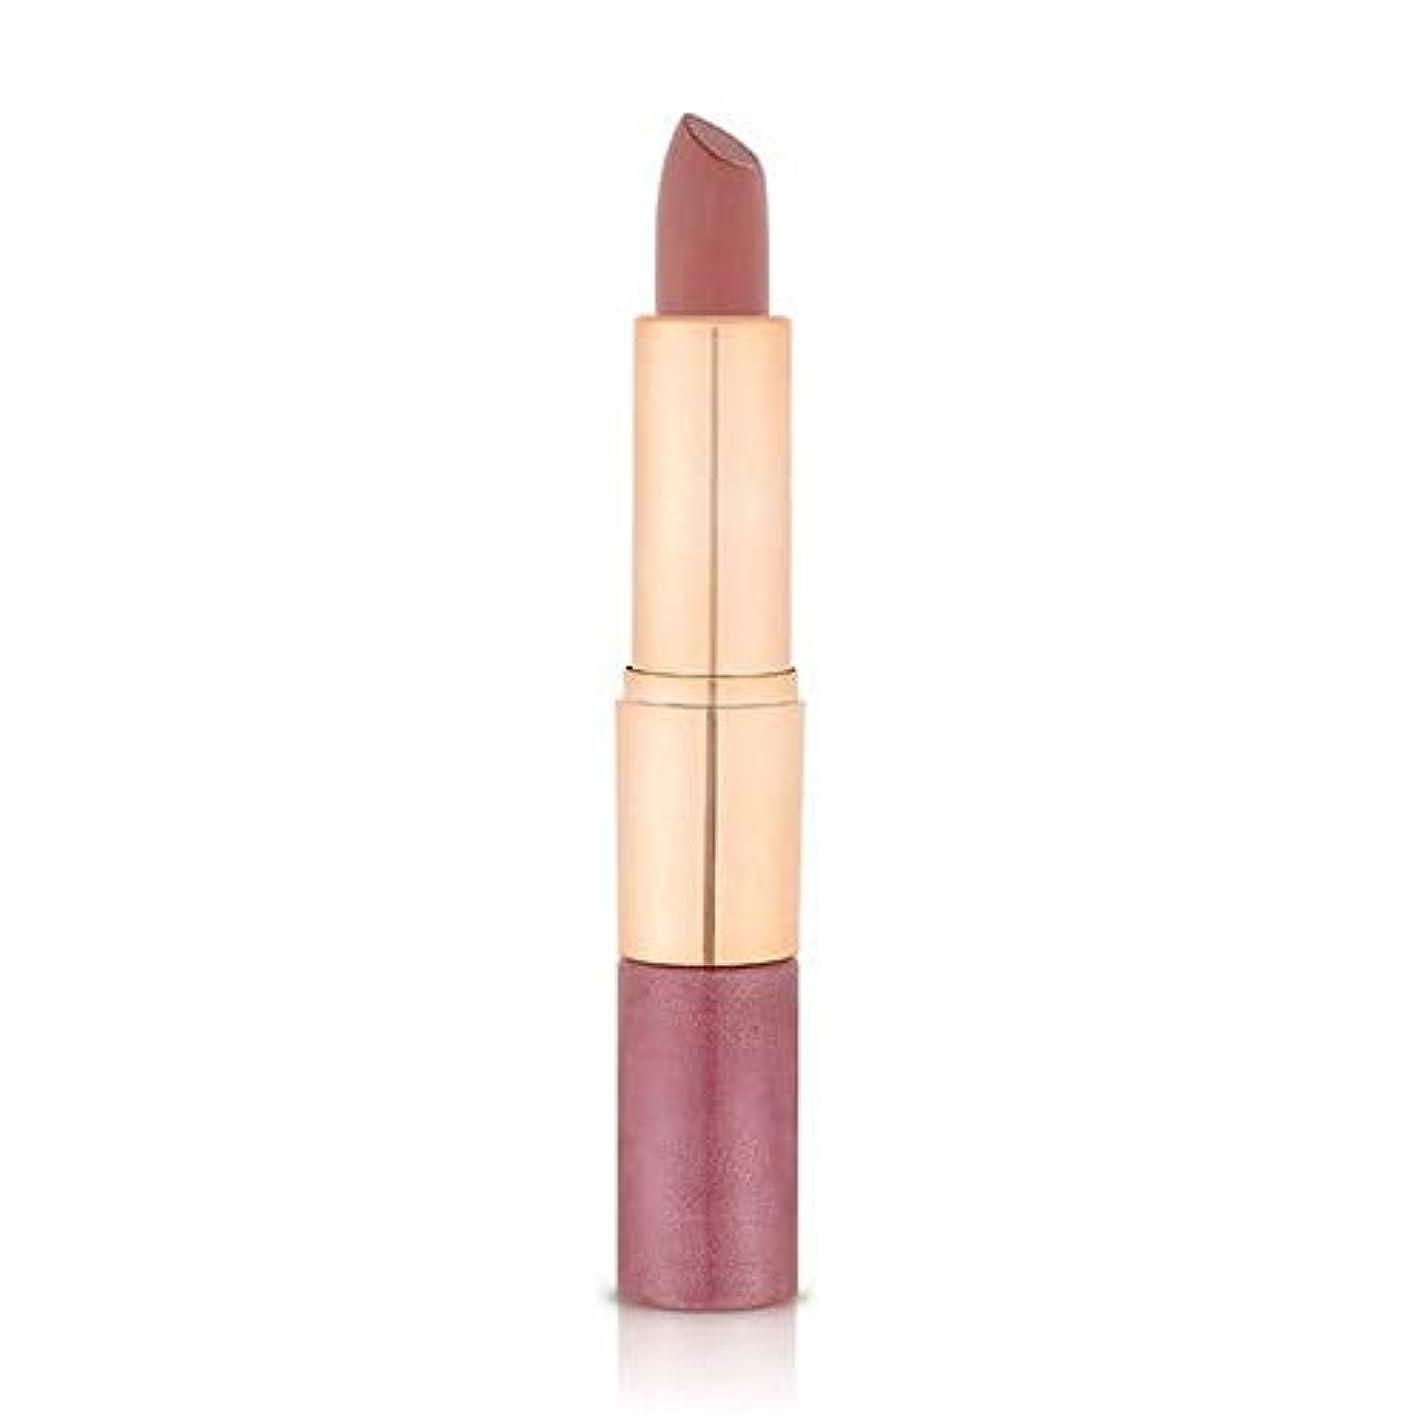 ベジタリアン仲介者理解する[Flower Beauty ] 花の美しさのミックスN」はマットリップスティックデュオピンクくすぐら687 - Flower Beauty Mix N' Matte Lipstick Duo Tickled Pink...